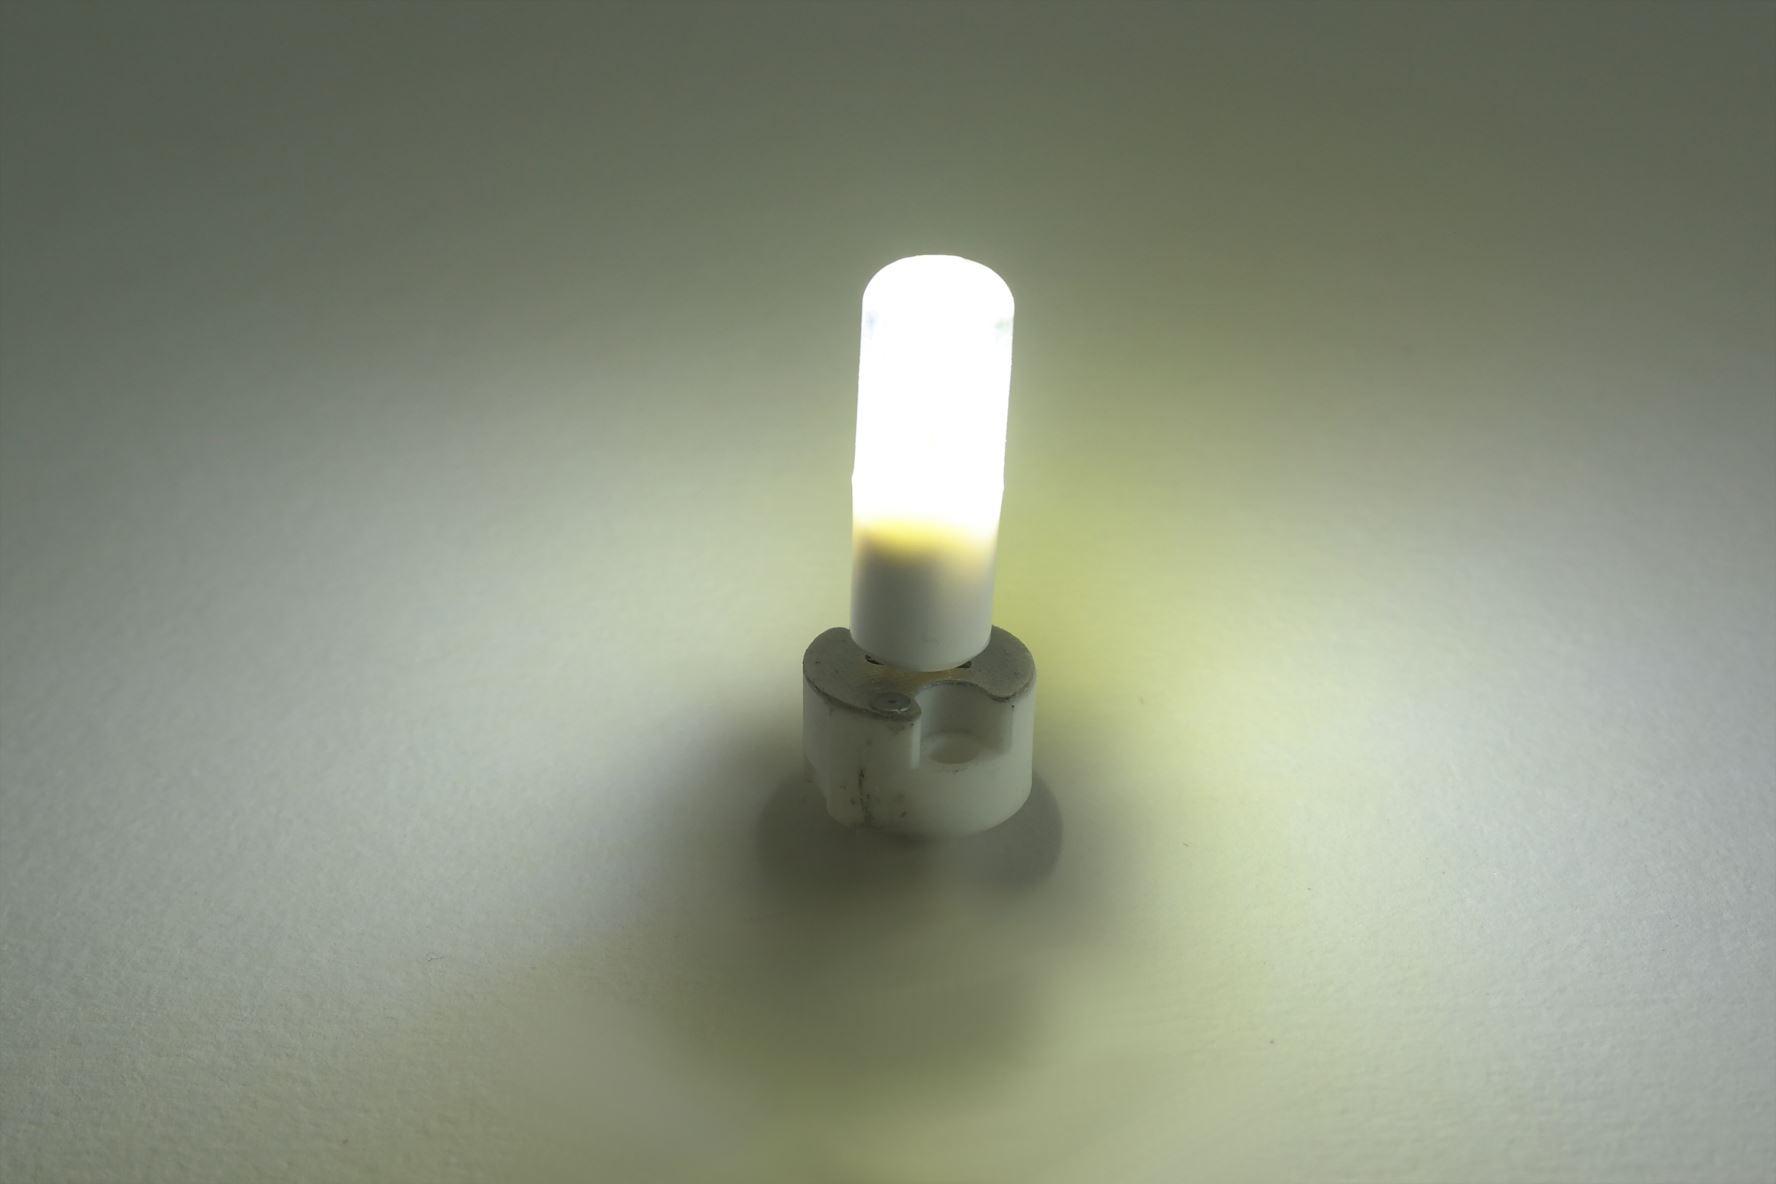 G4-LED-AC-DC-12V-220V-COB-Light-Bulb-Lamp-Car-Boat-Caravan-Direct-Halogen-Rep miniatuur 18